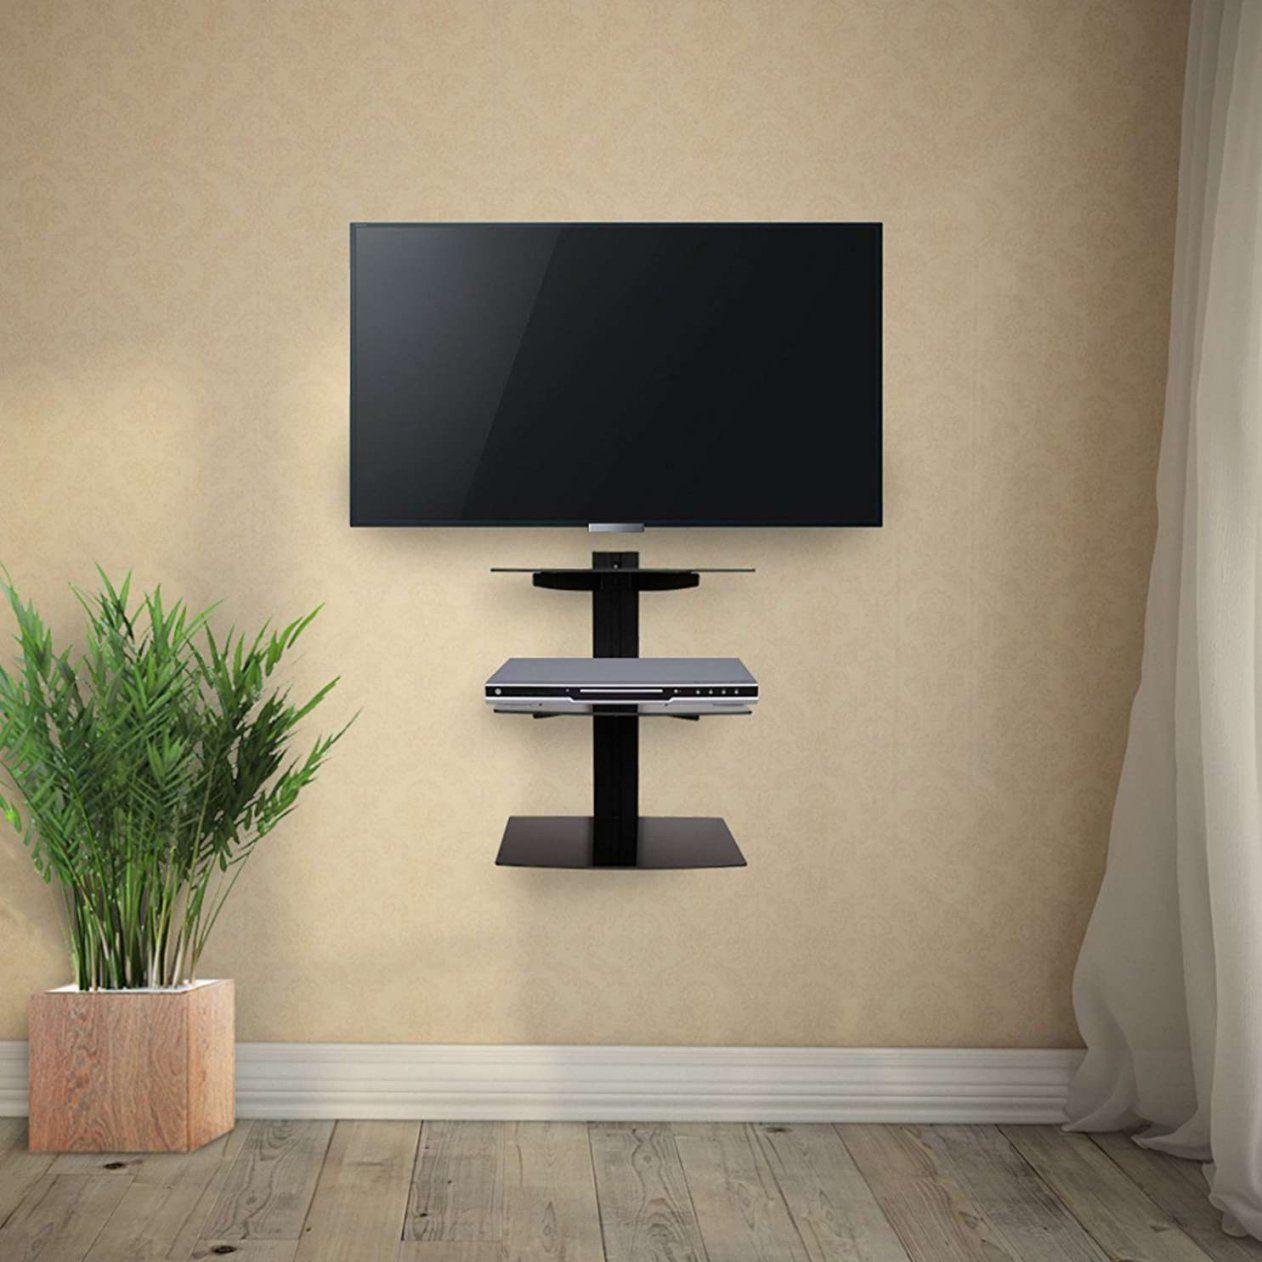 Fernseher An Die Wand Hängen Kabel Verstecken  Home Ideen von Fernseher Aufhängen Kabel Verstecken Photo